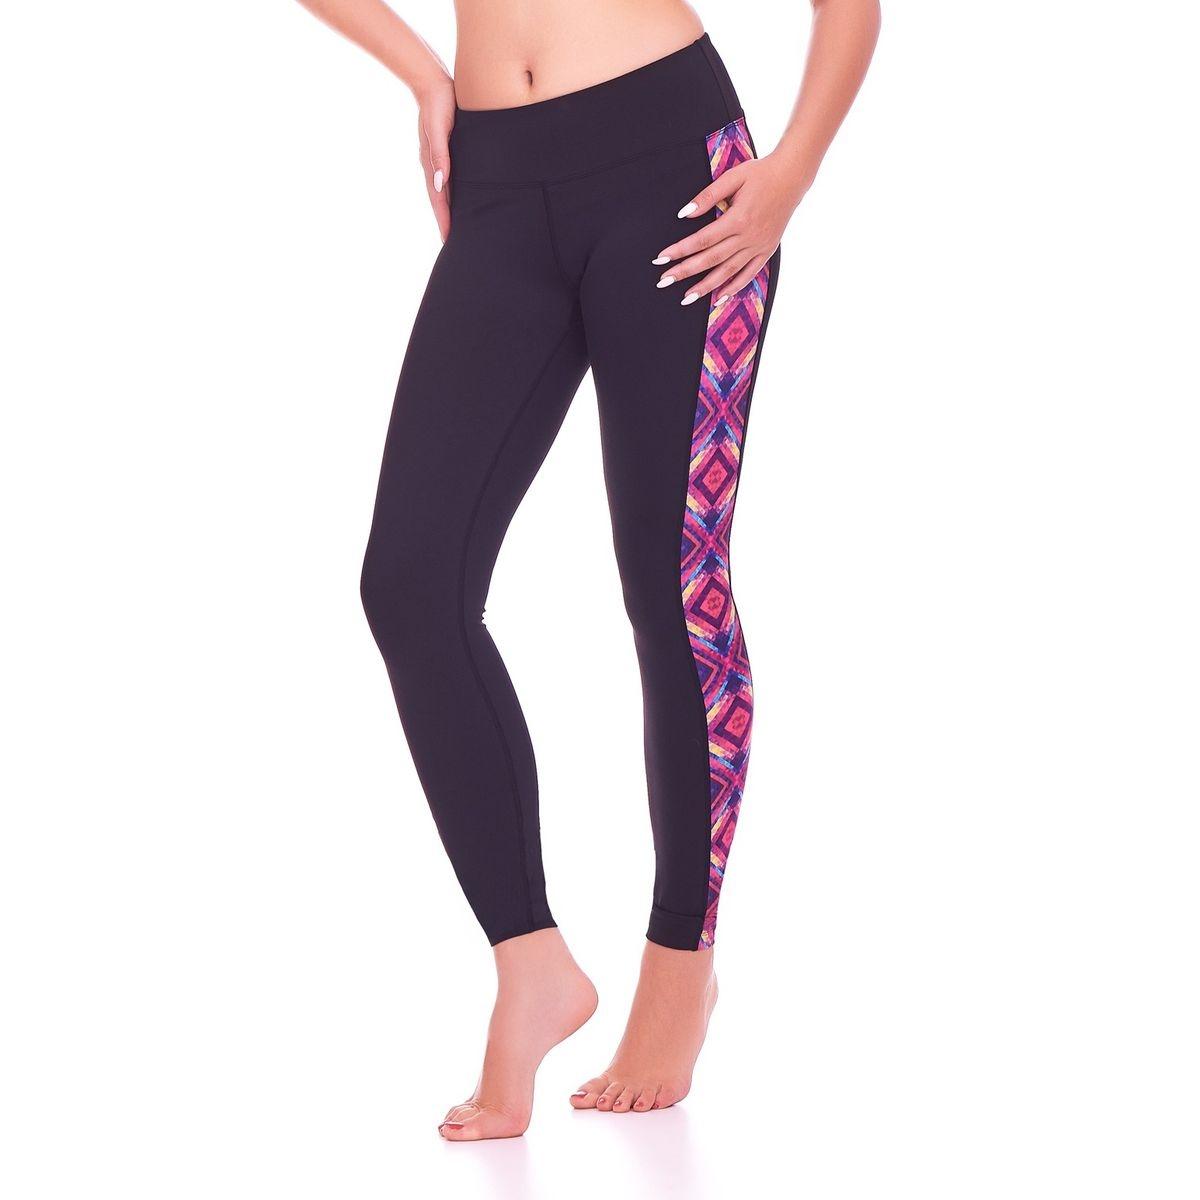 Pantalon de Yoga Sorbet SHERBET